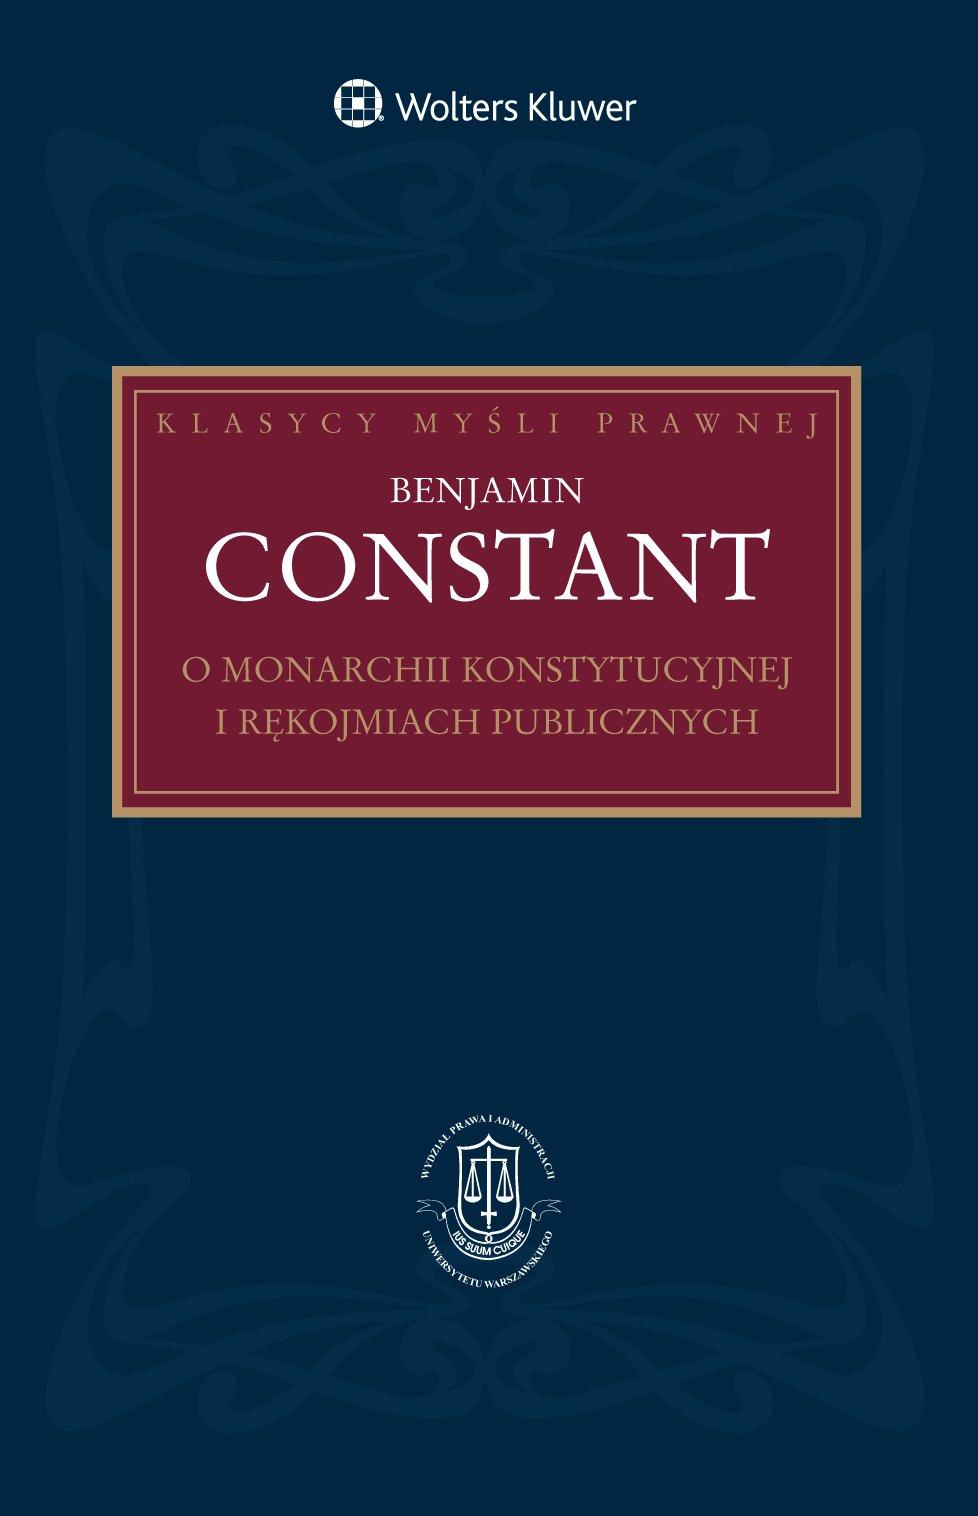 O monarchii konstytucyjnej i rękojmiach publicznych - Ebook (Książka PDF) do pobrania w formacie PDF